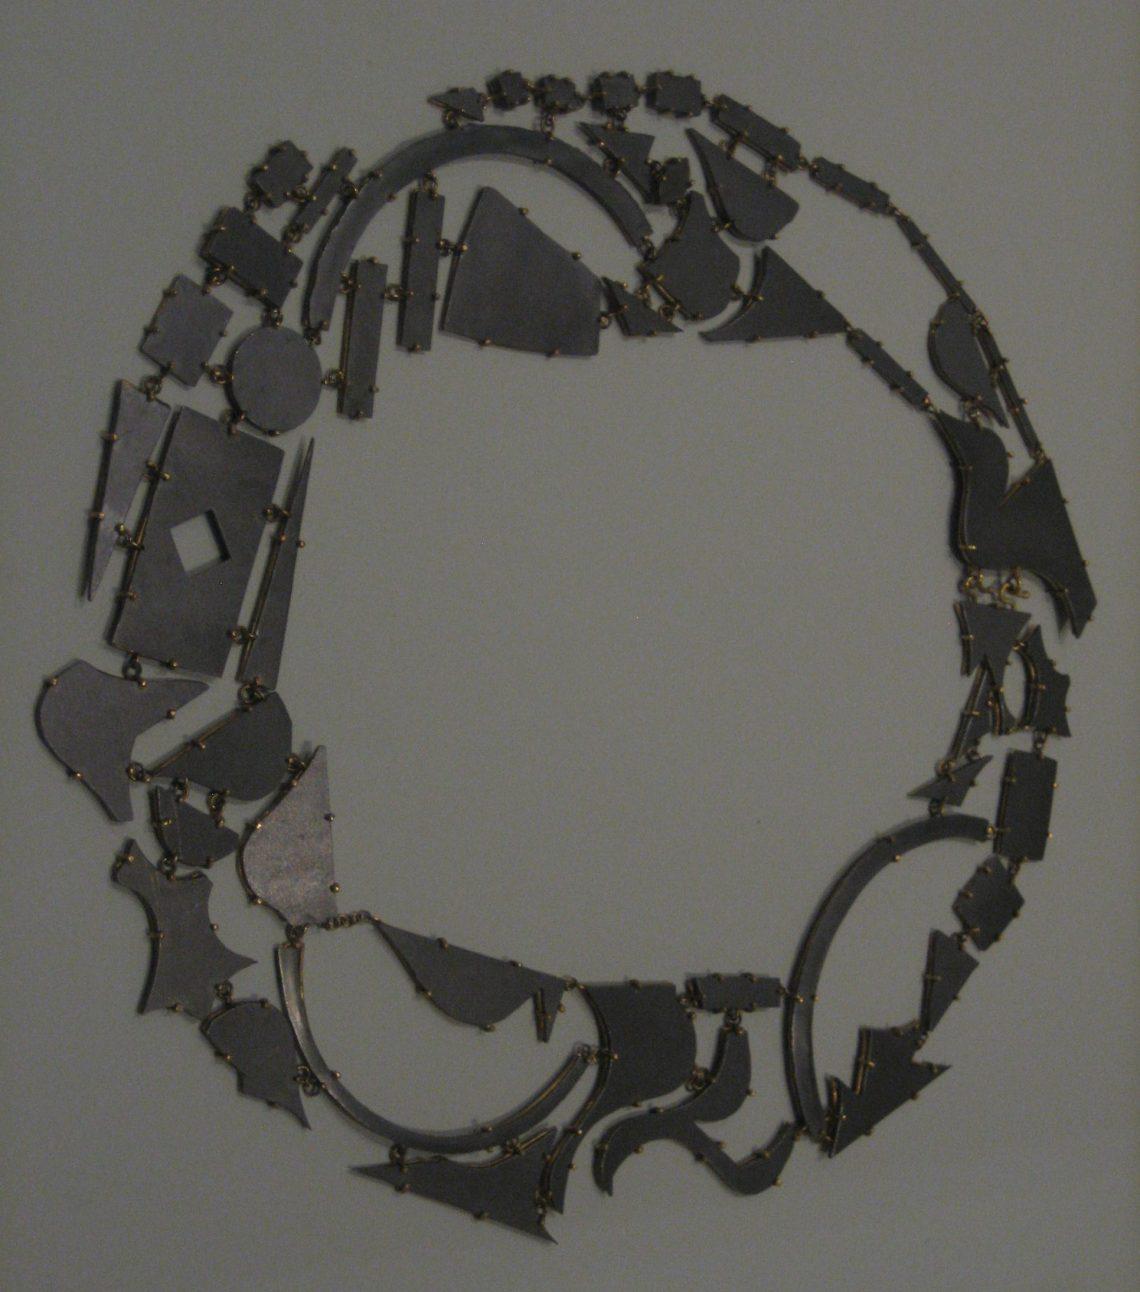 Philip Sajet, Remnanten, halssieraad. Rijksmuseum, Tweede leven, 2017. Collectie Rijksmuseum, BK-2010-2-125-1. Foto Esther Doornbusch, CC BY 4.0